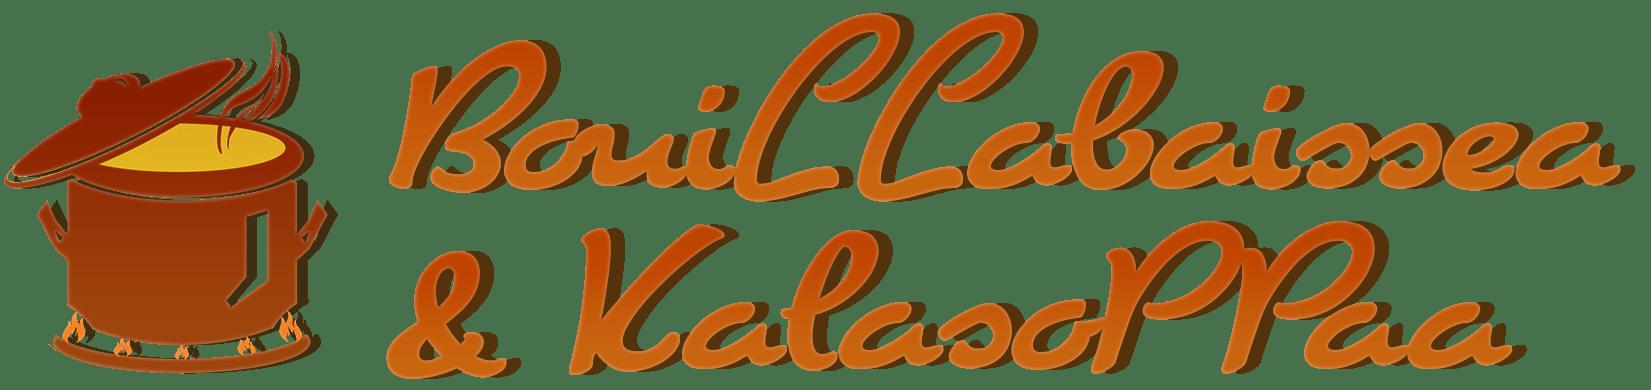 Bouillabaissea Ja Kalasoppaa logo